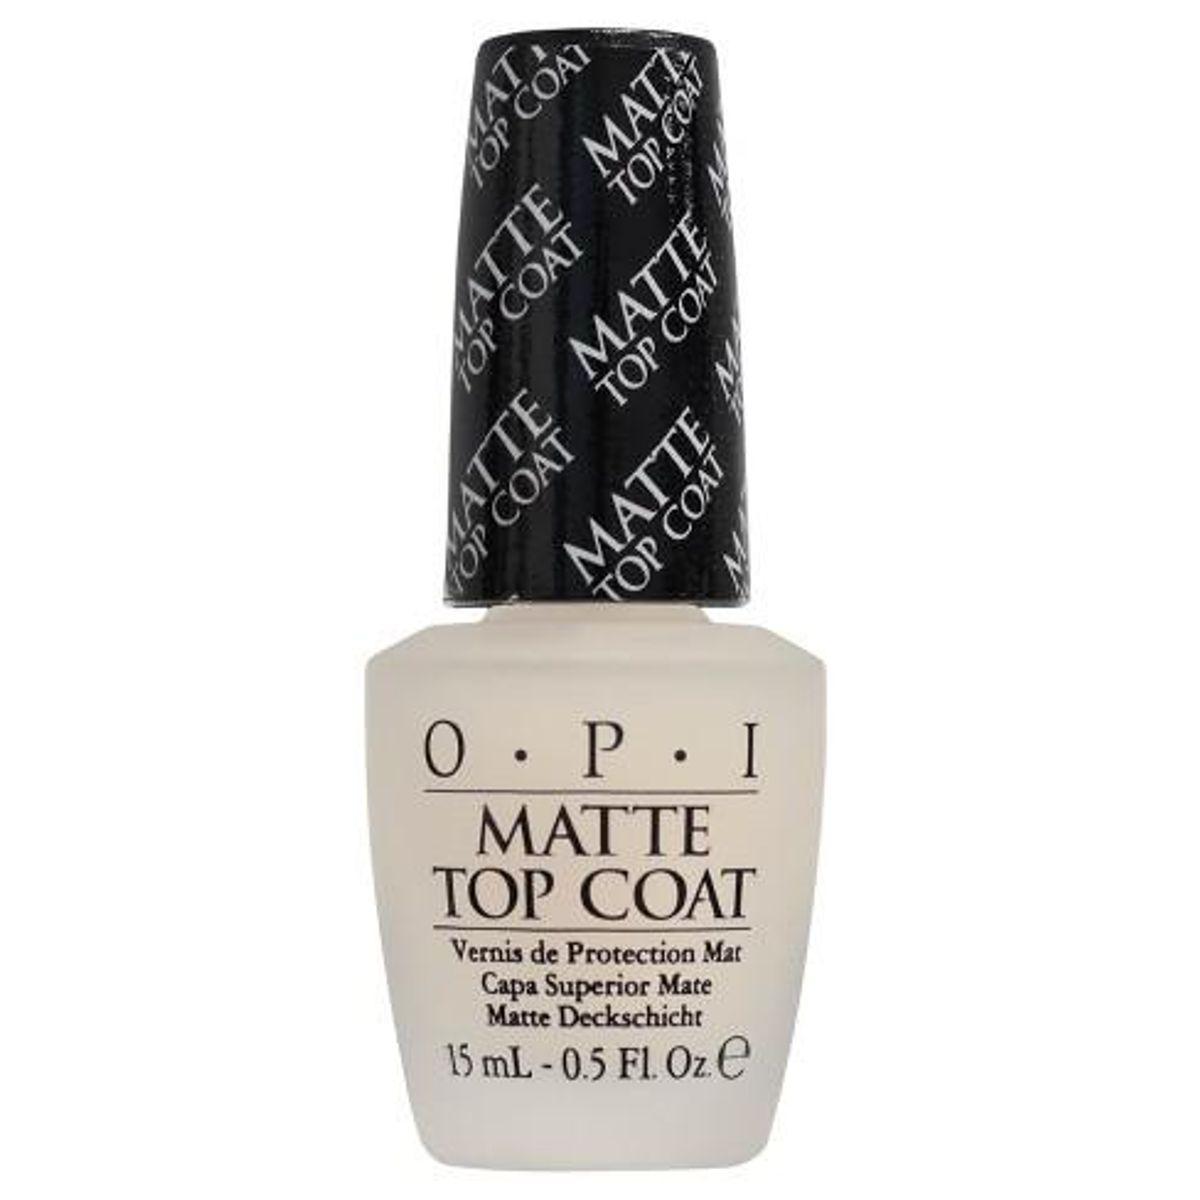 Nail Treatment Matte Top Coat